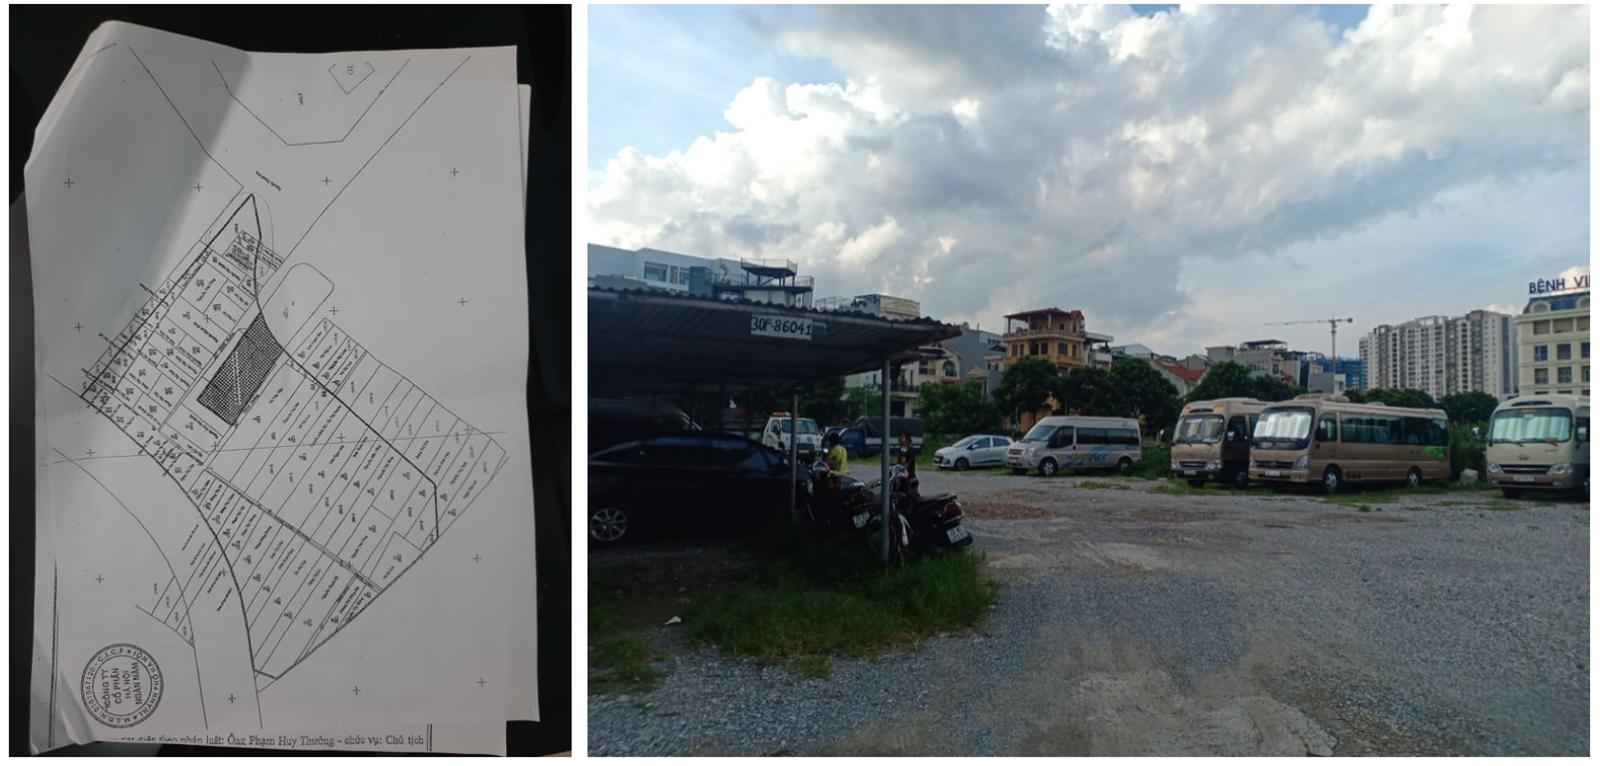 Trách nhiệm lãnh đạo phường Bồ Đề đến đâu khi dự án bệnh viện thành bãi xe?